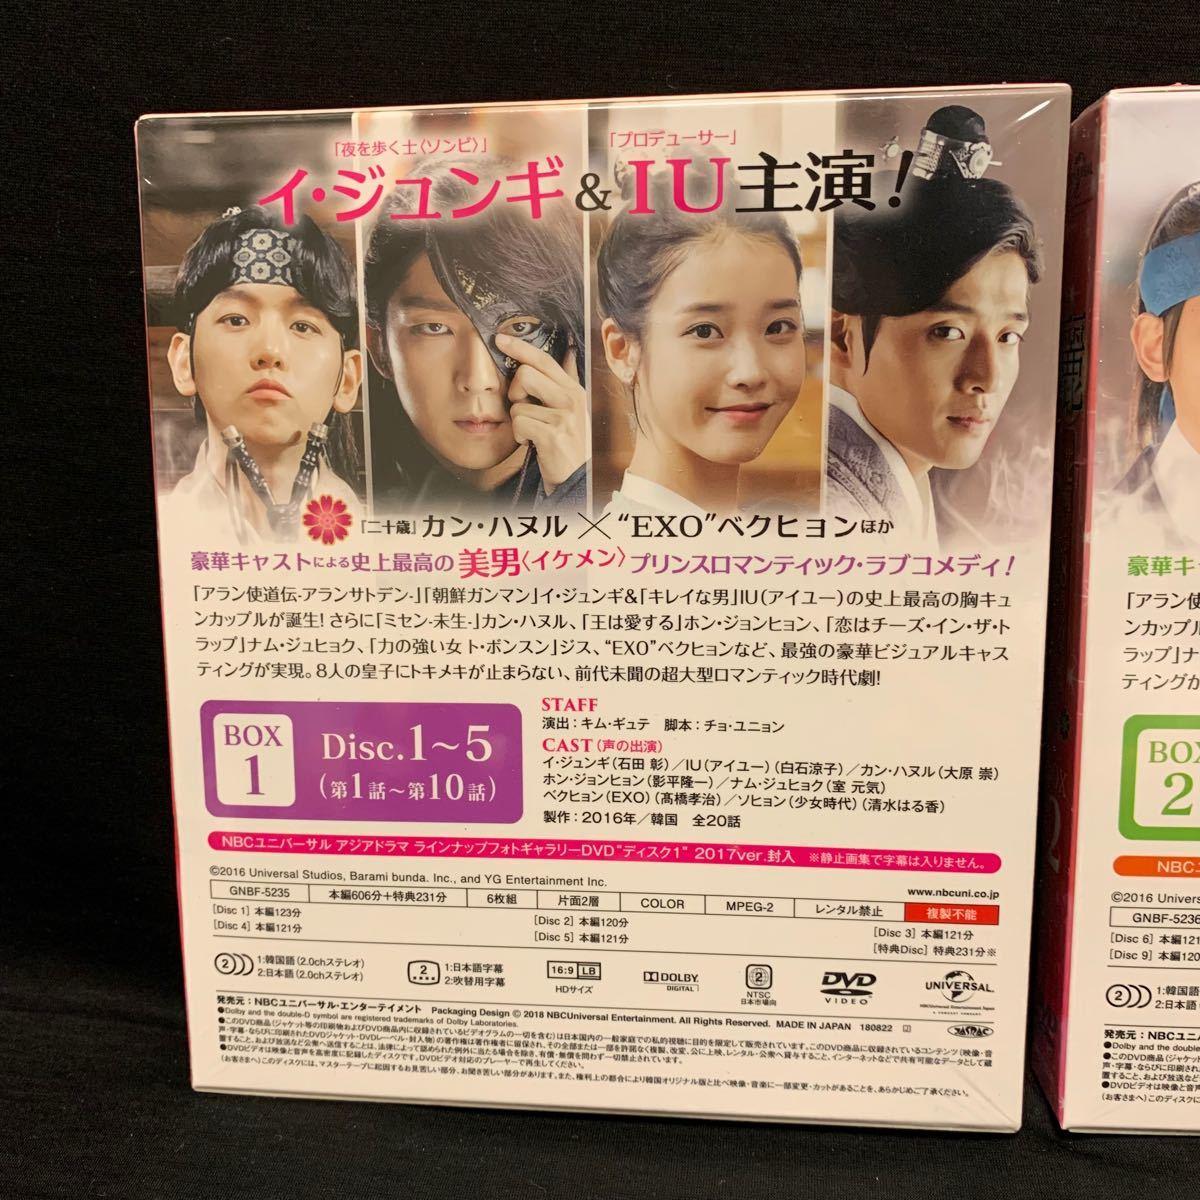 新品!麗 花萌ゆる8人の皇子たち DVD-BOX1&2セット  国内正規品 韓国ドラマ 韓流 コンプリートシンプルDVDボックス